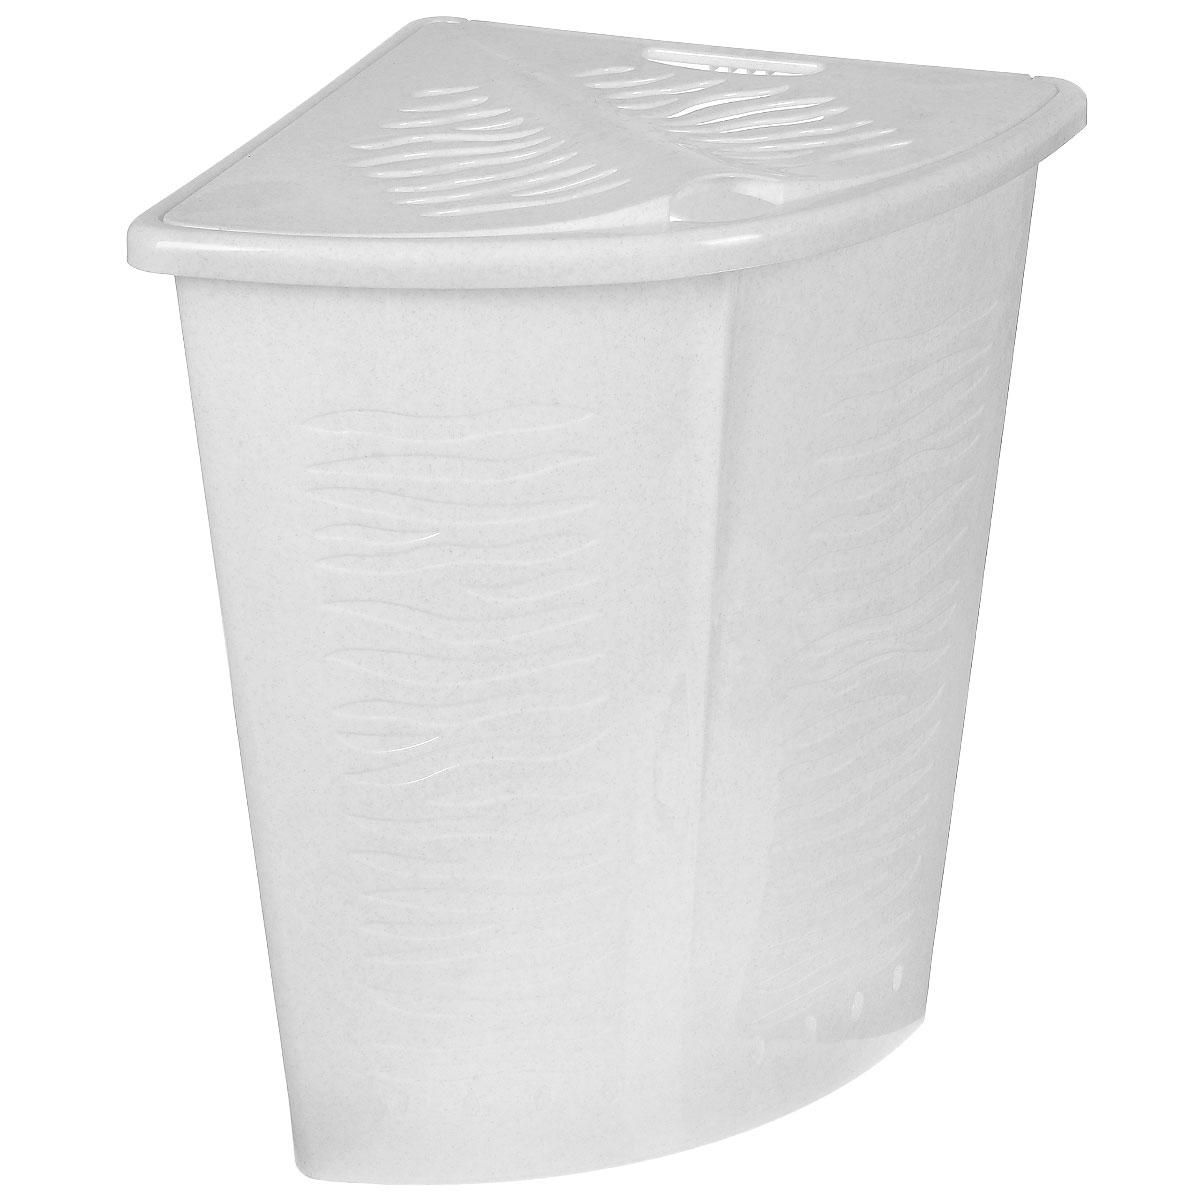 Корзина для белья BranQ Зебра, угловая, цвет: белый, 40 лПЦ1700Корзина для белья BranQ Зебра изготовлена из прочного пластика. Корзина пропускает воздух, устойчива к перепадам температур и влажности, поэтому идеально подходит для ванной комнаты. Изделие оснащено выемкой под руку и крышкой. Можно использовать для хранения белья, детских игрушек, домашней обуви и прочих бытовых вещей. Элегантный дизайн подойдет к интерьеру любой ванной.